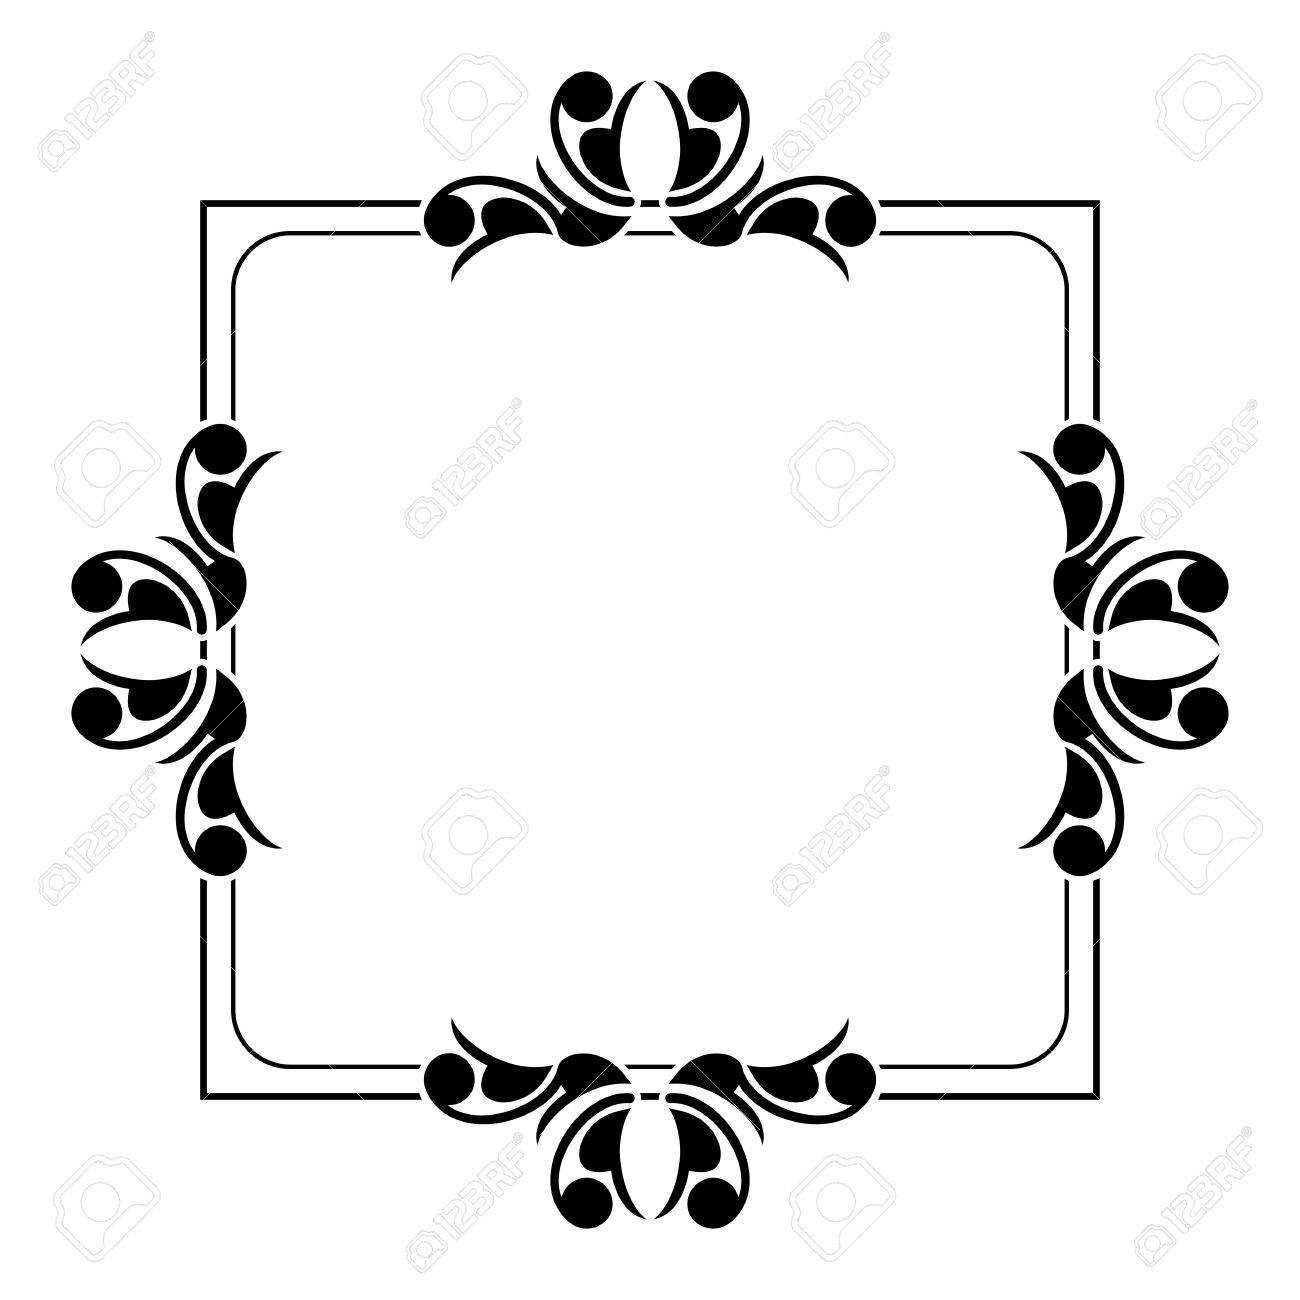 Schwarz Weiß Silhouette Rahmen Mit Dekorativen Blumen Vektor Clip